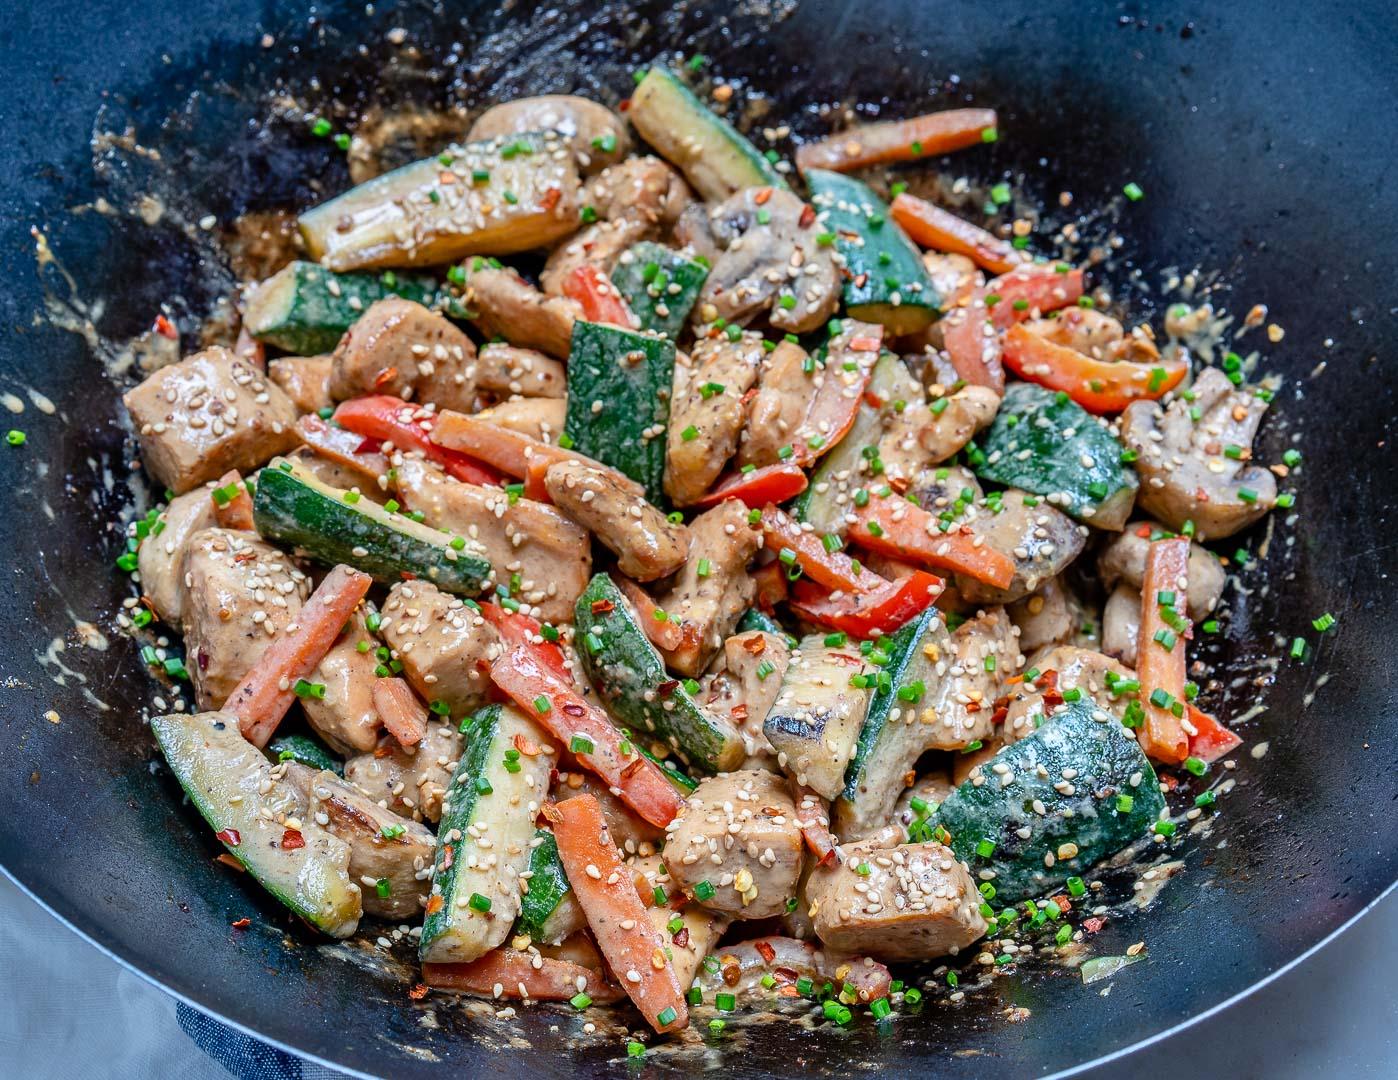 Hibachi Stir-fried Chicken + Veggies